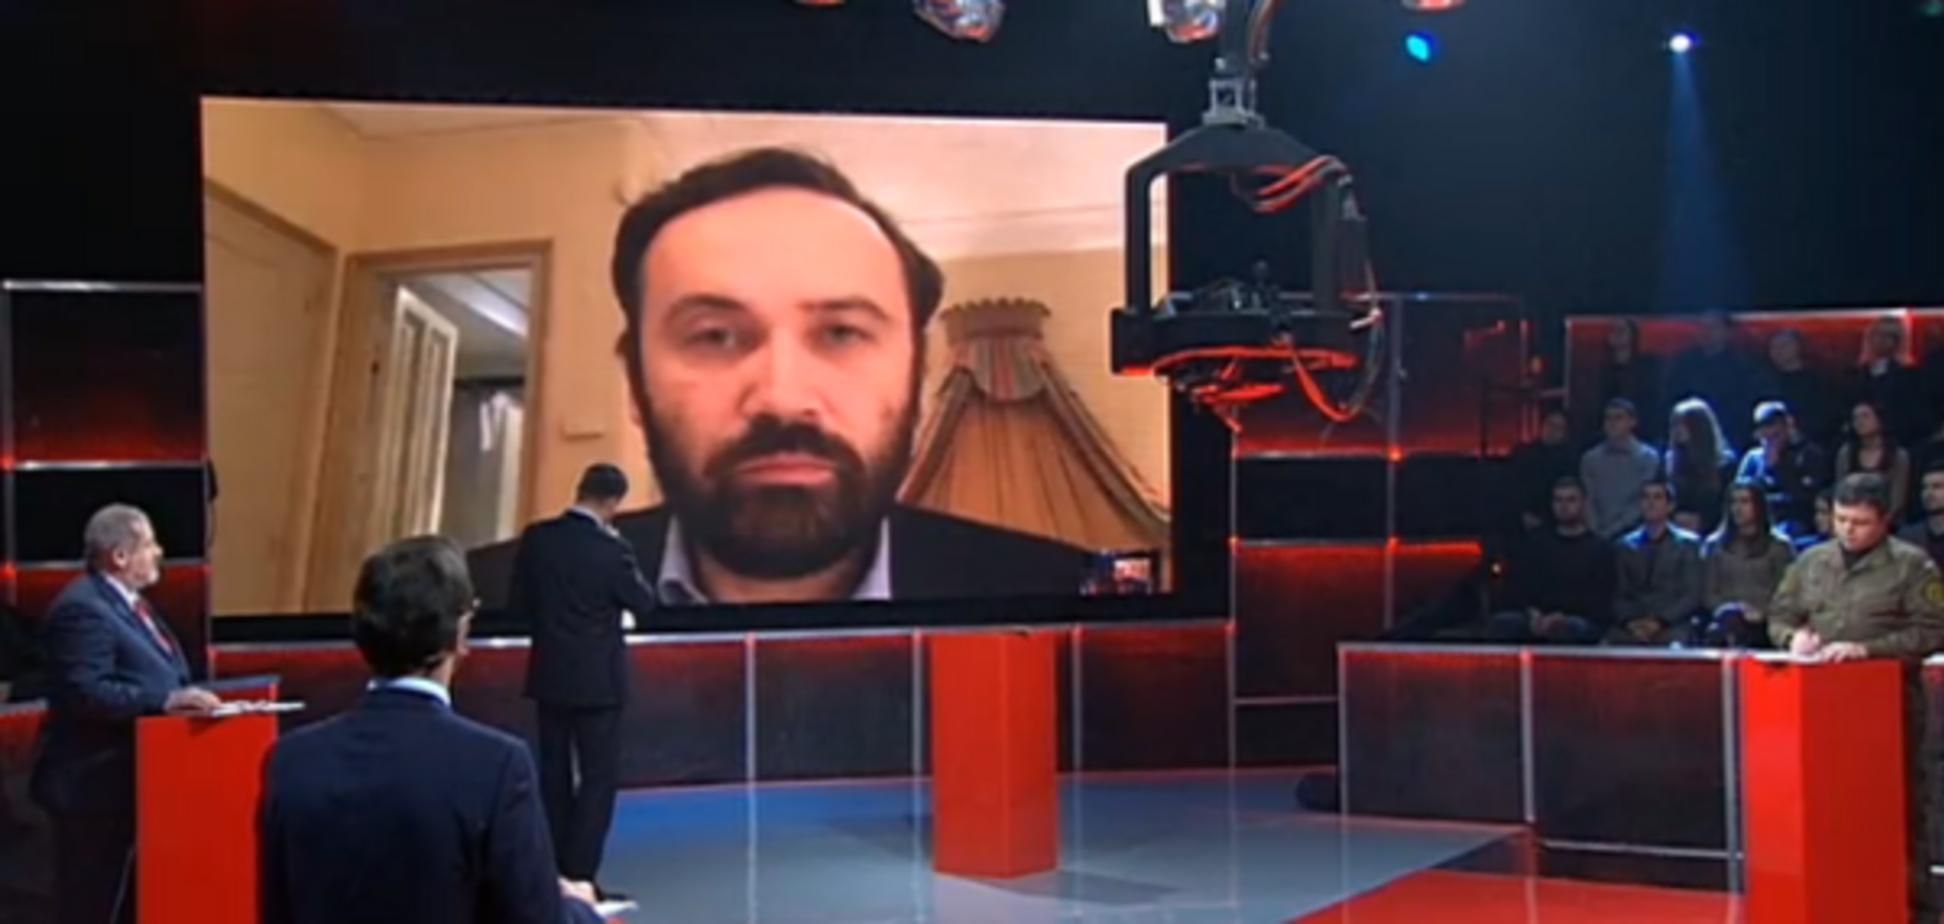 Пономарьов: падіння путінського режиму буде кривавим